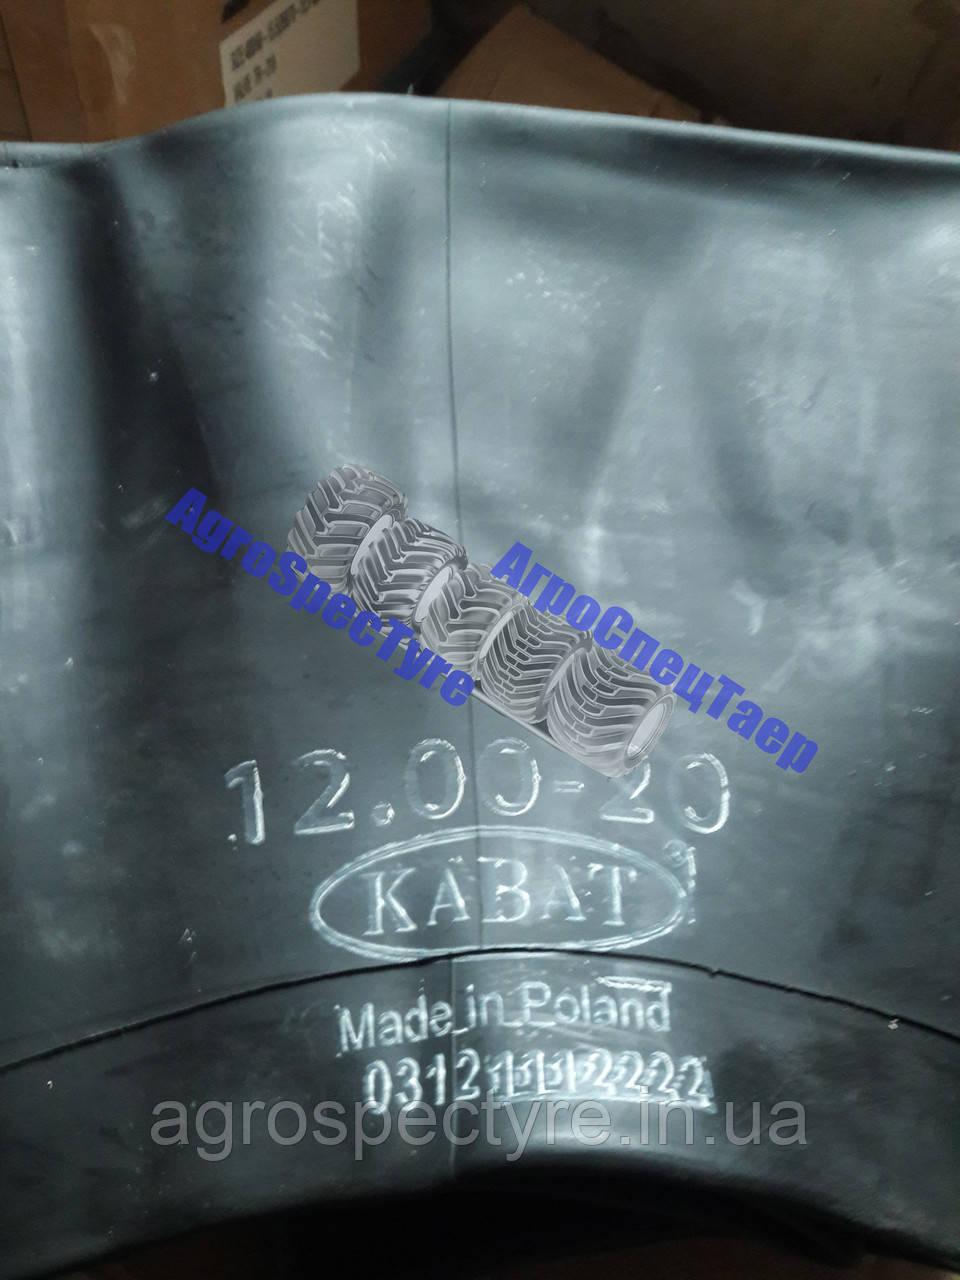 Камера 14.00-20 V3.02.14 KABAT для индустриальной техники